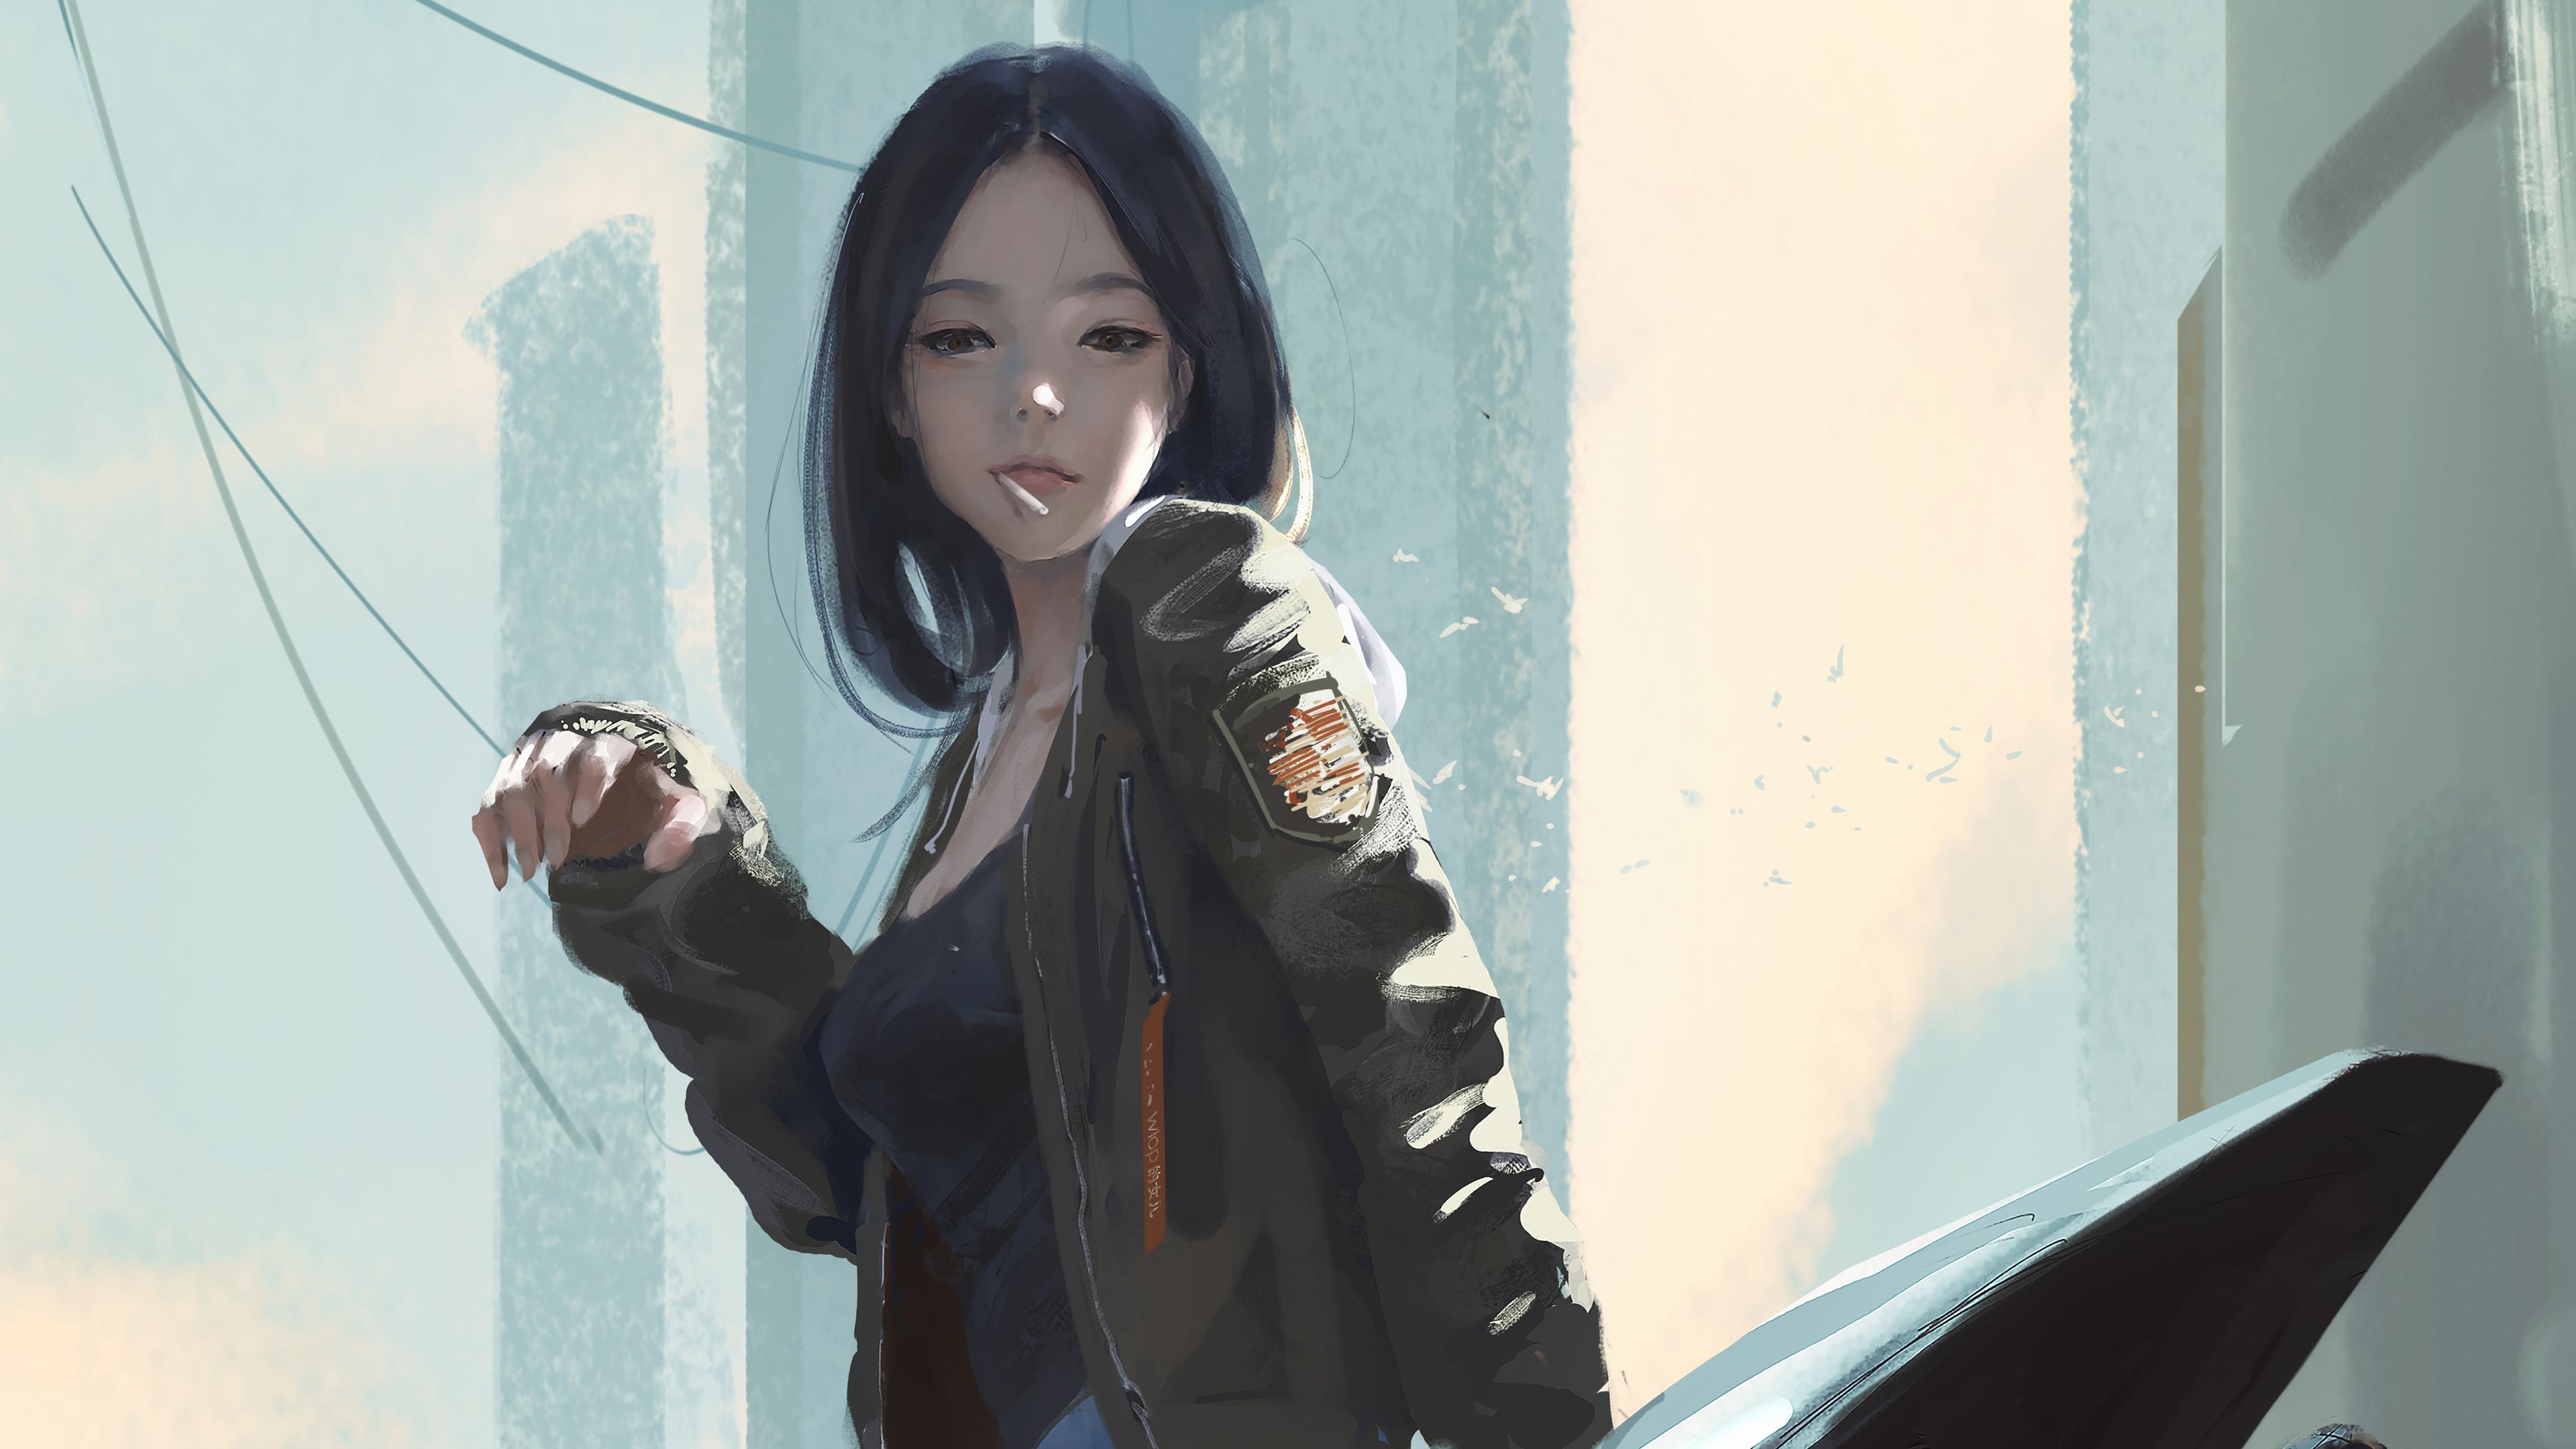 urban girl smoking cigarette 4k 1553076594 - Urban Girl Smoking Cigarette 4k - smoking wallpapers, hd-wallpapers, digital art wallpapers, deviantart wallpapers, artwork wallpapers, artist wallpapers, anime wallpapers, anime girl wallpapers, 4k-wallpapers